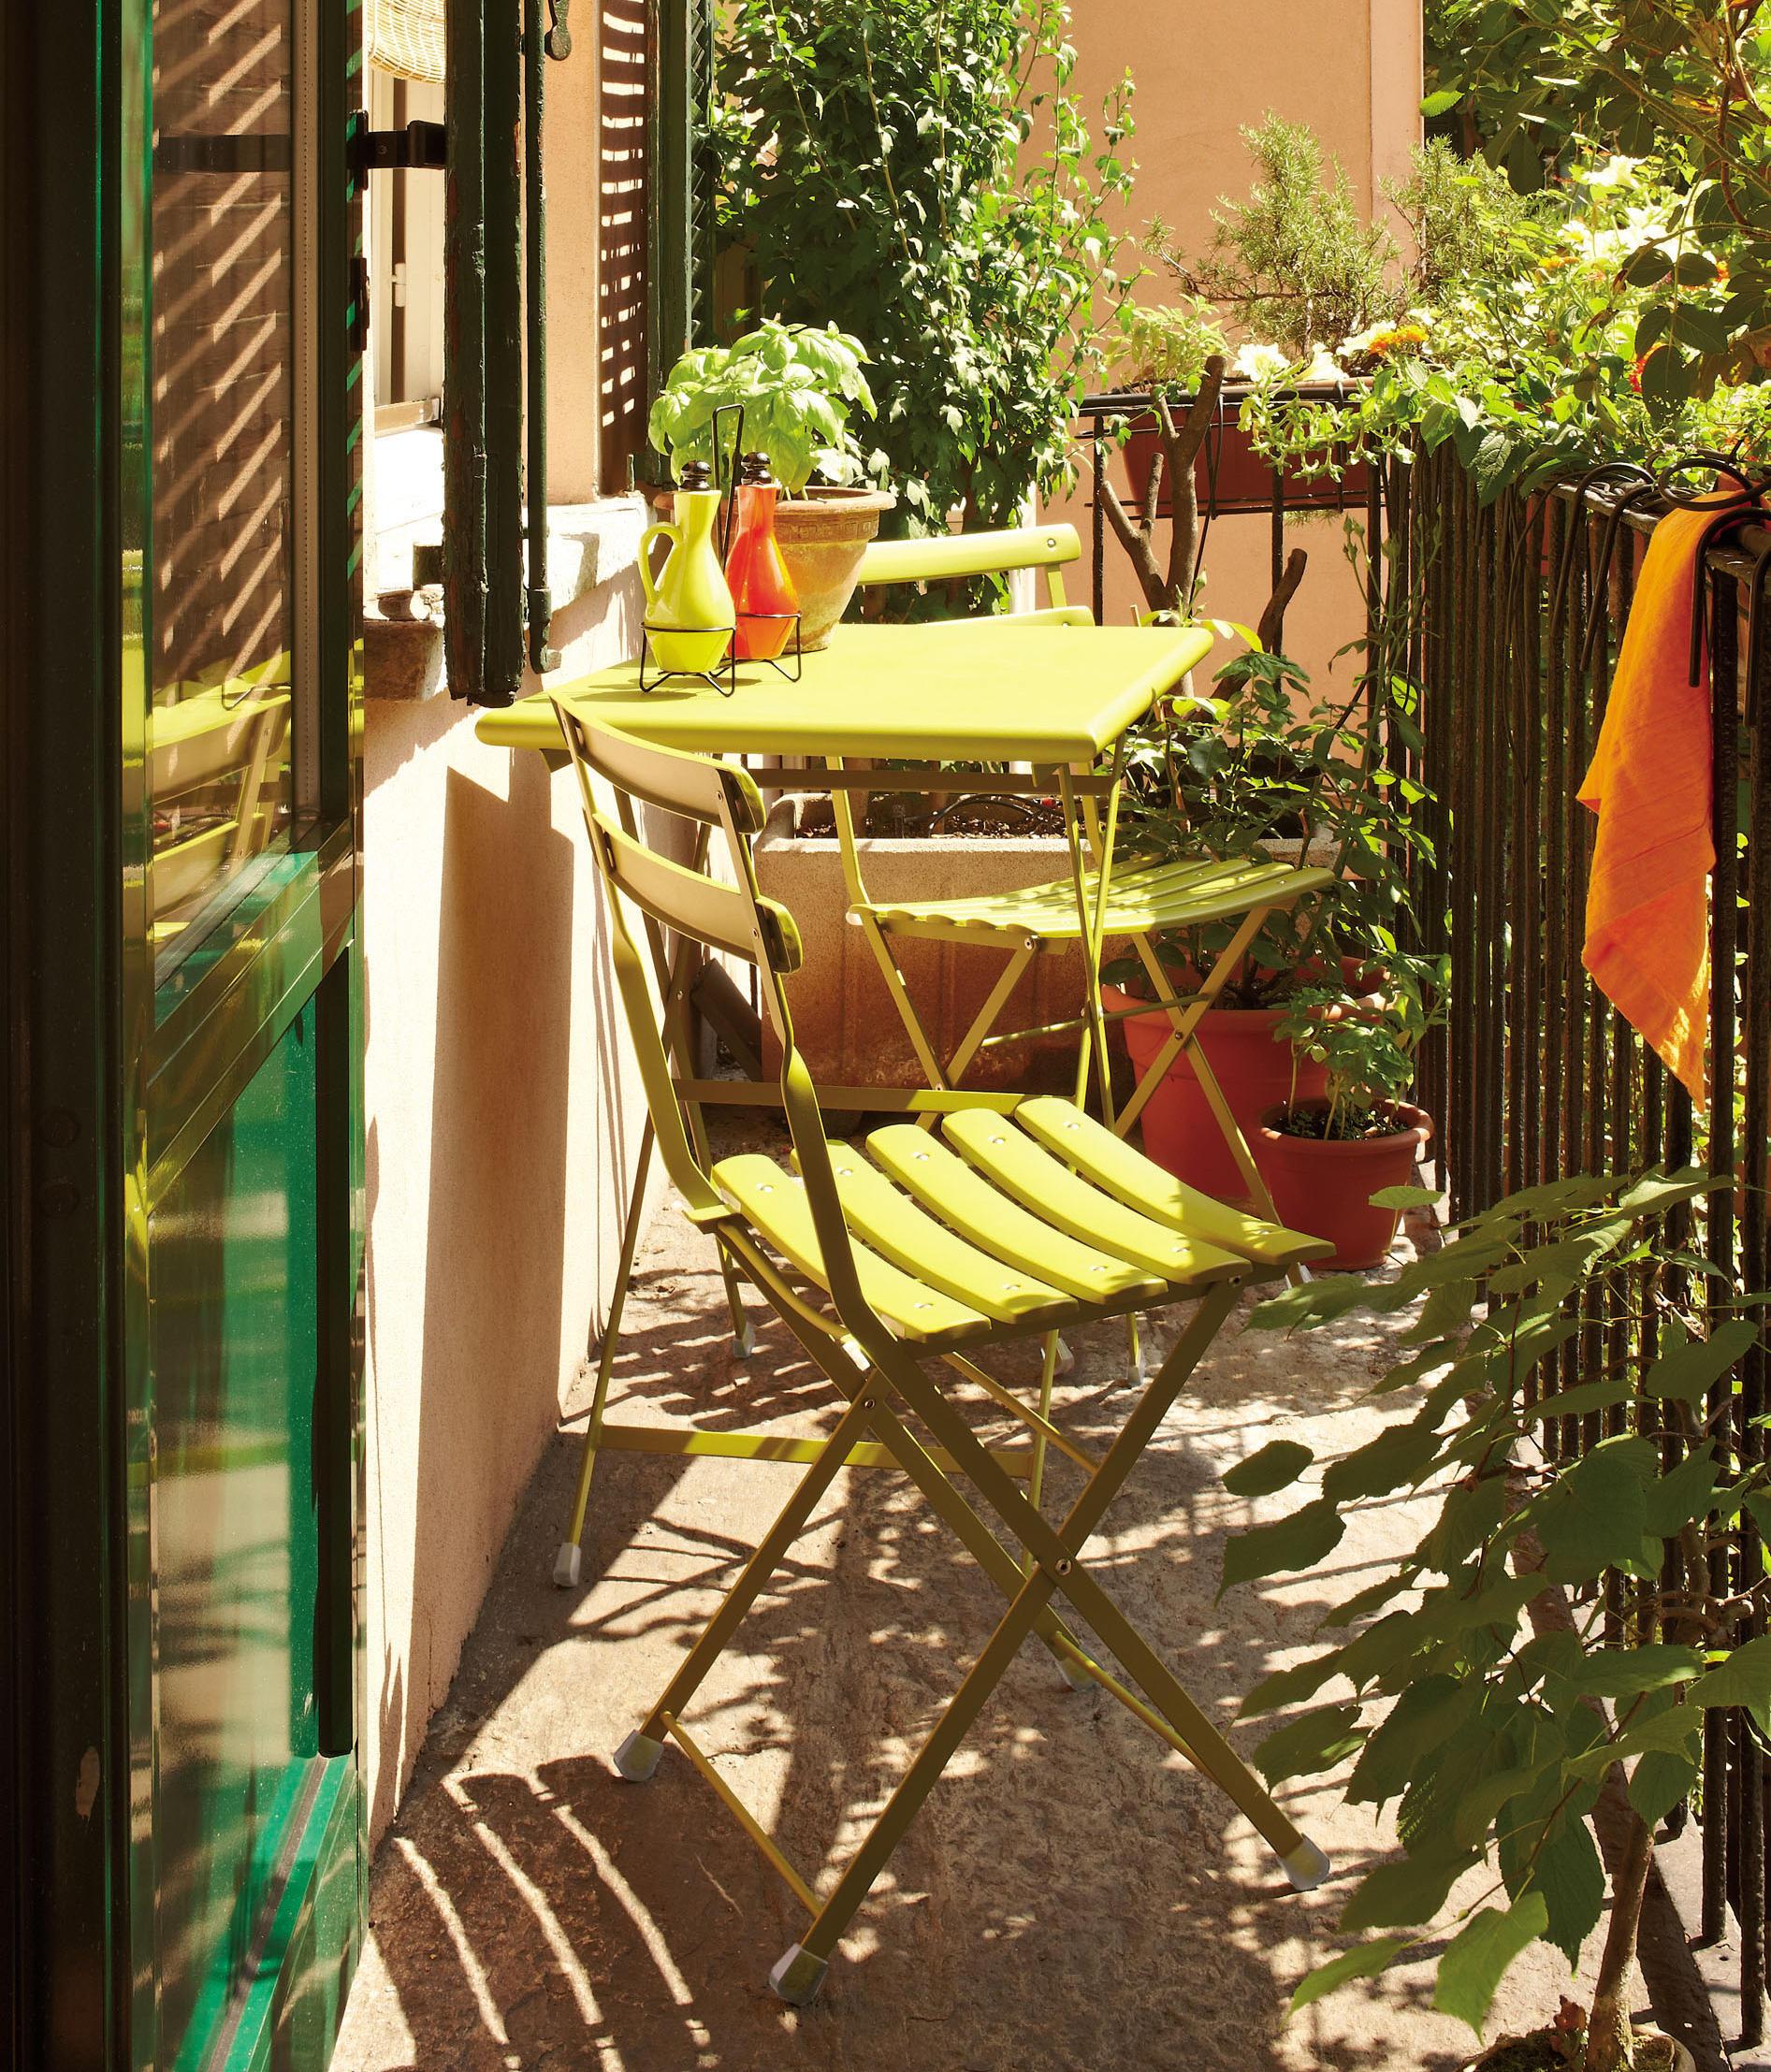 Обустройство открытых балконов для чаепития и легкого завтра.